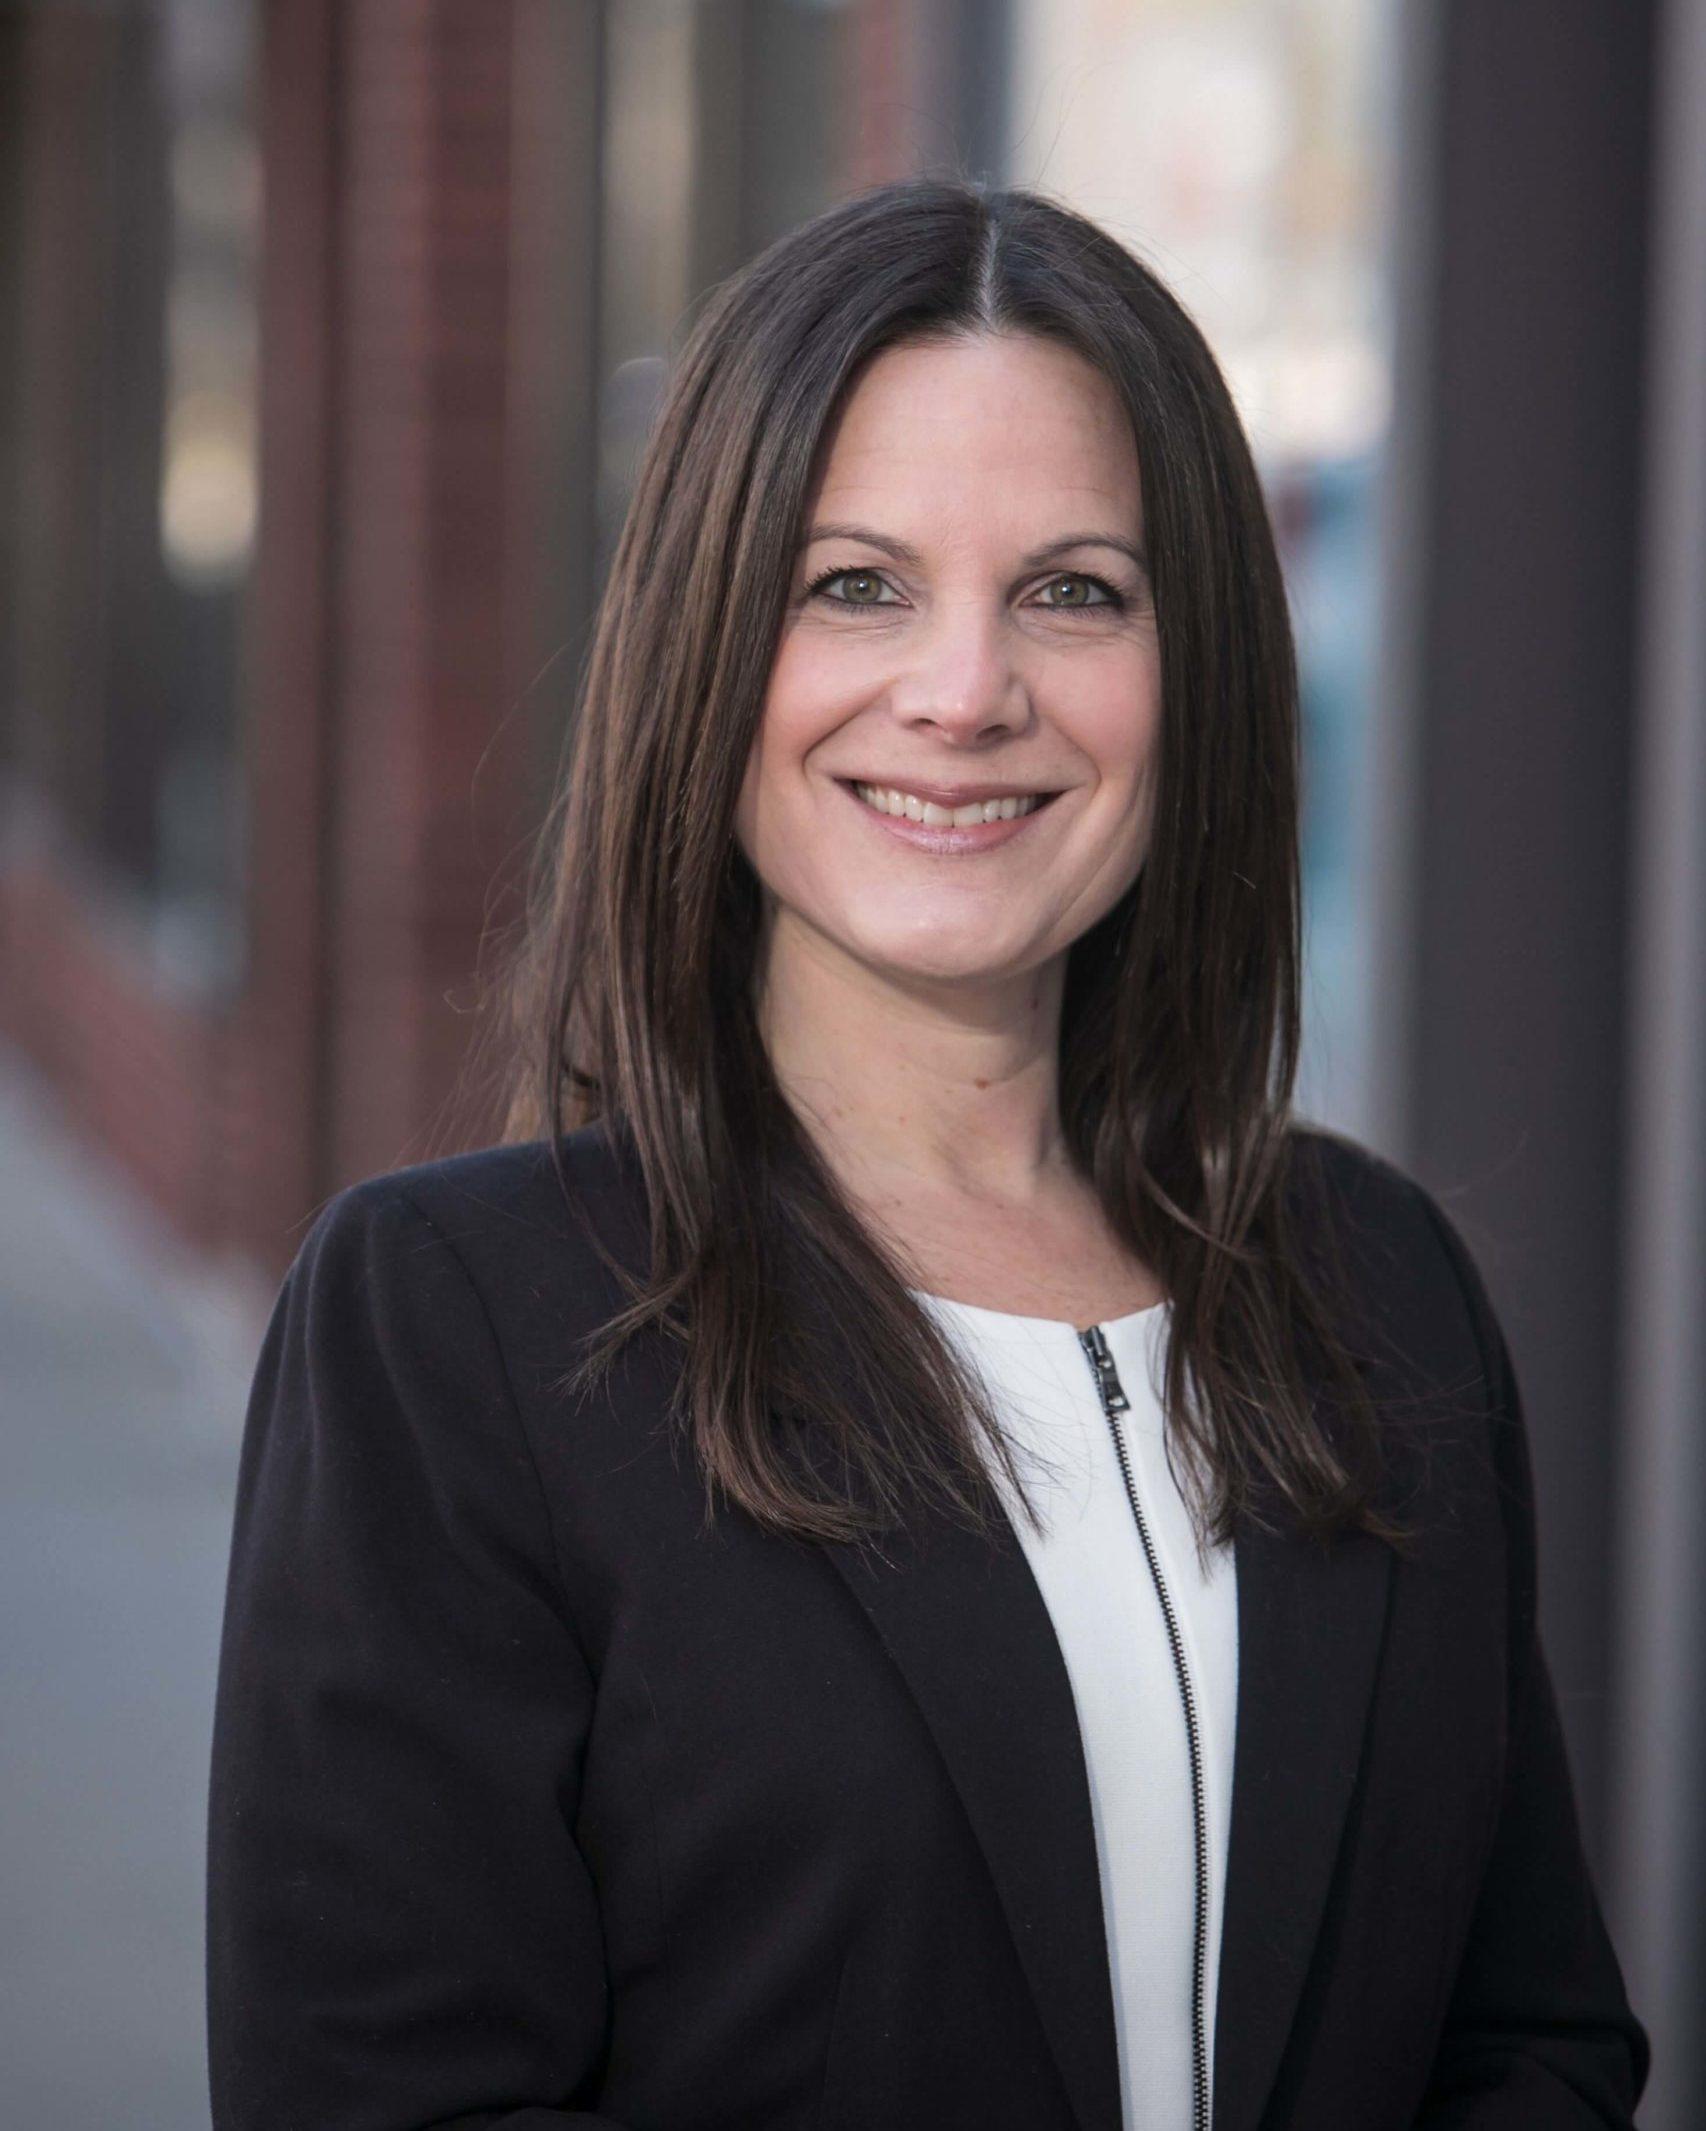 Melissa Karman